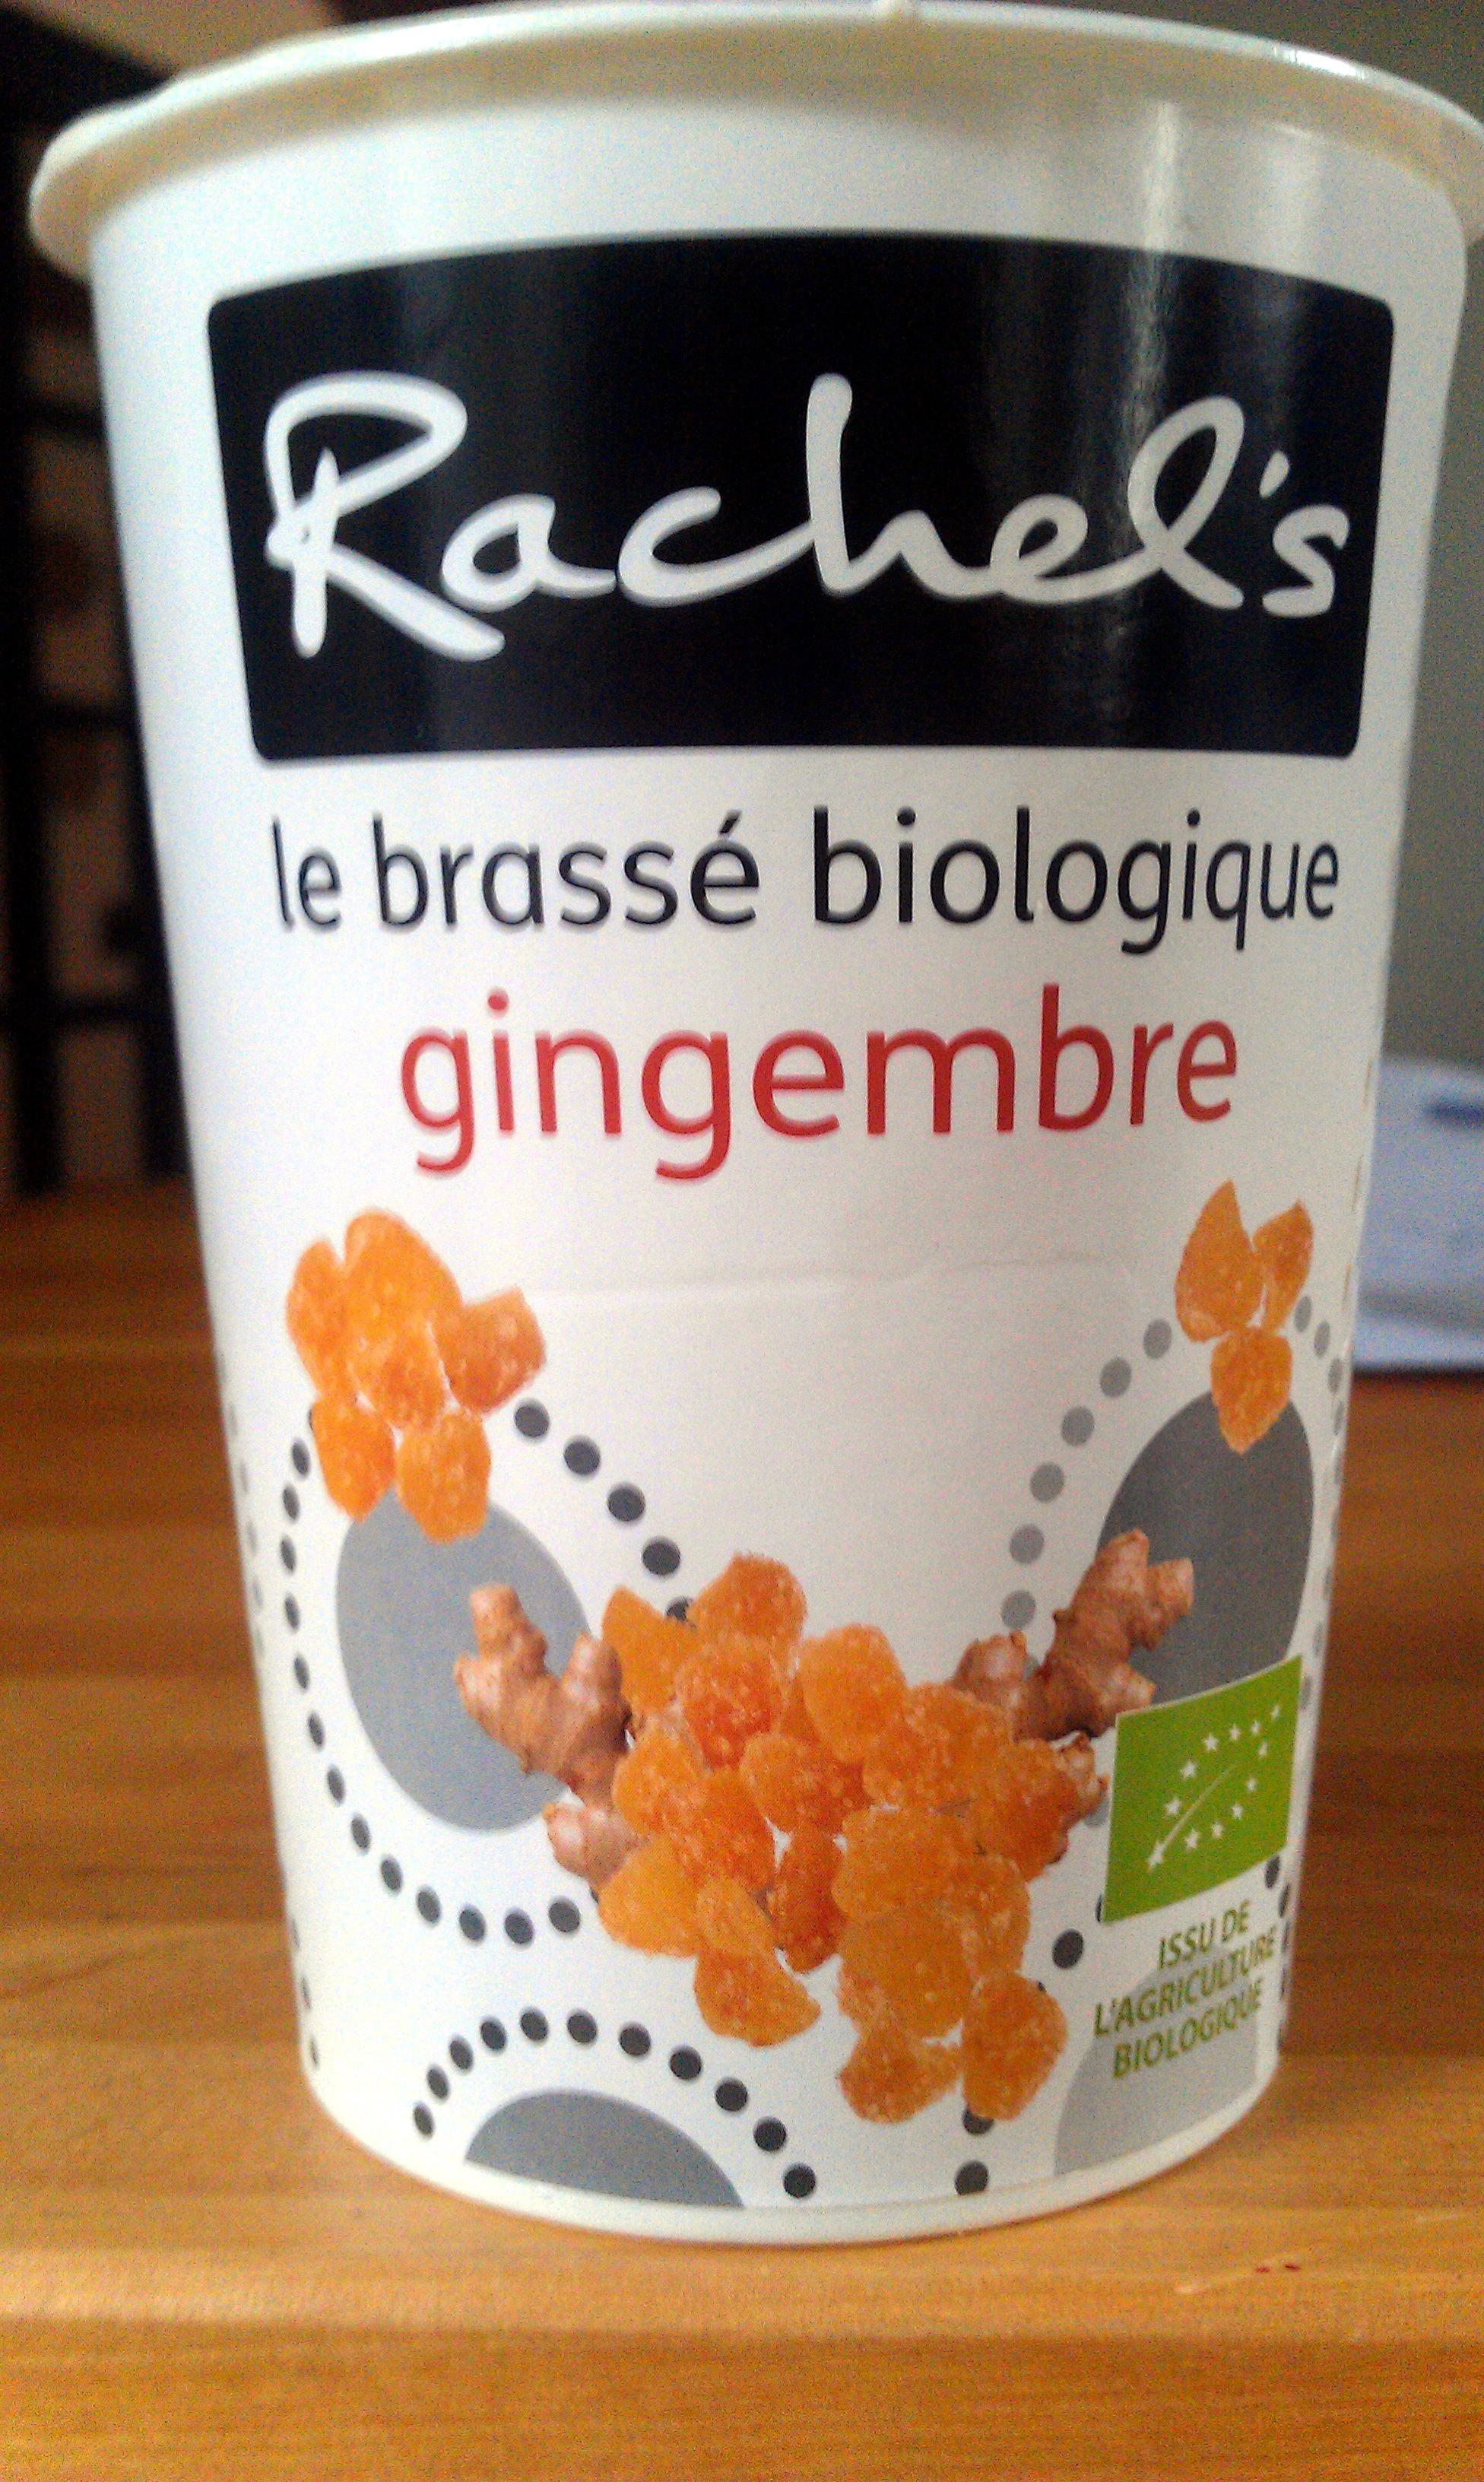 Rachel's - le brassé biologique gingembre - Produit - fr